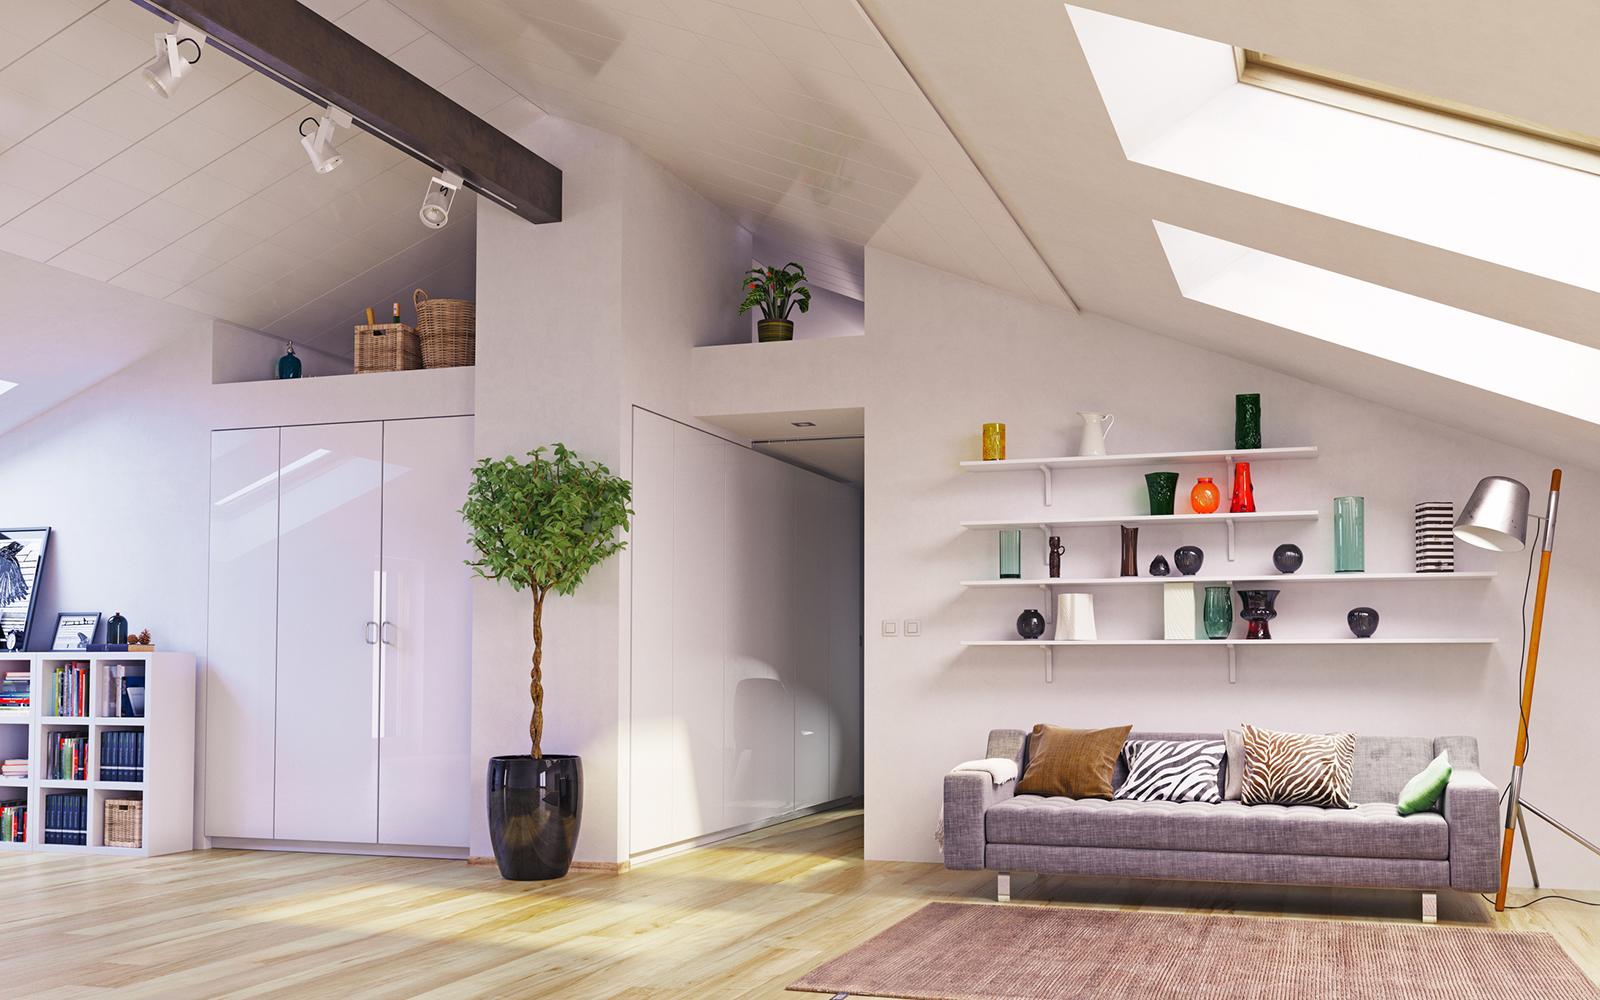 Optimale Platznutzung: Einbauschränke bringen Ruhe und Stauraum ins Dachgeschoss.